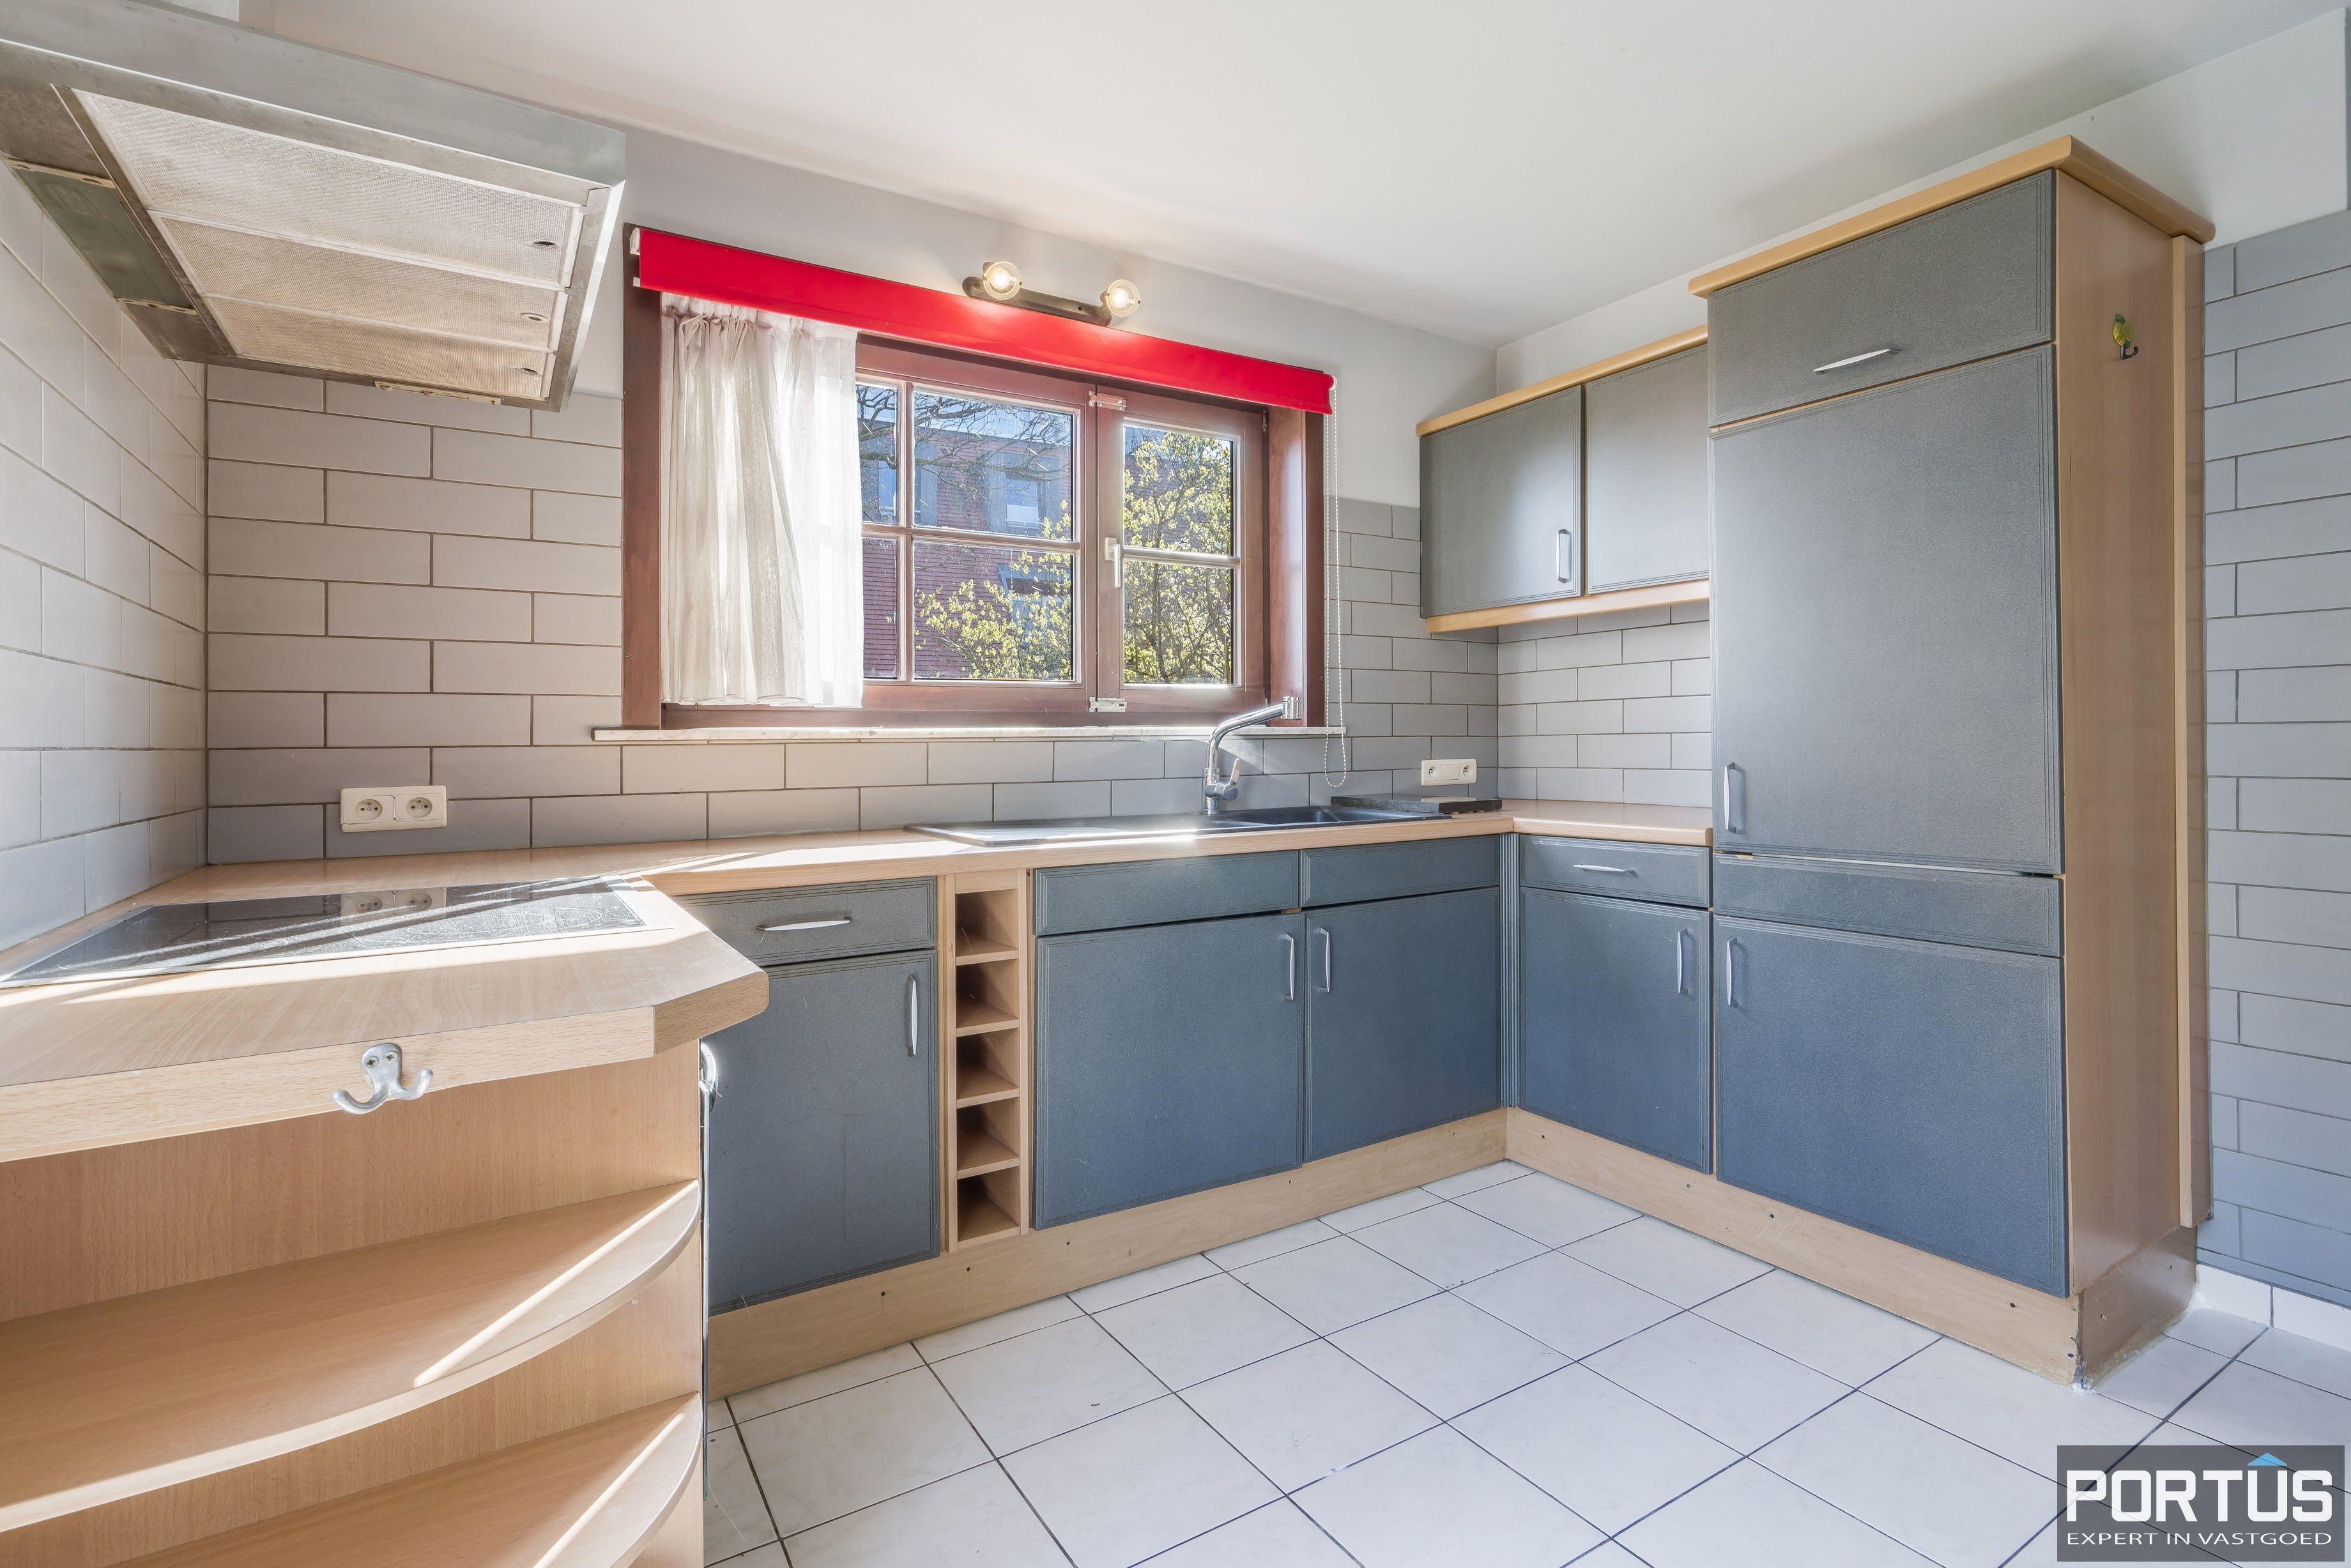 Villa te koop met 3 slaapkamers te Nieuwpoort - 14014